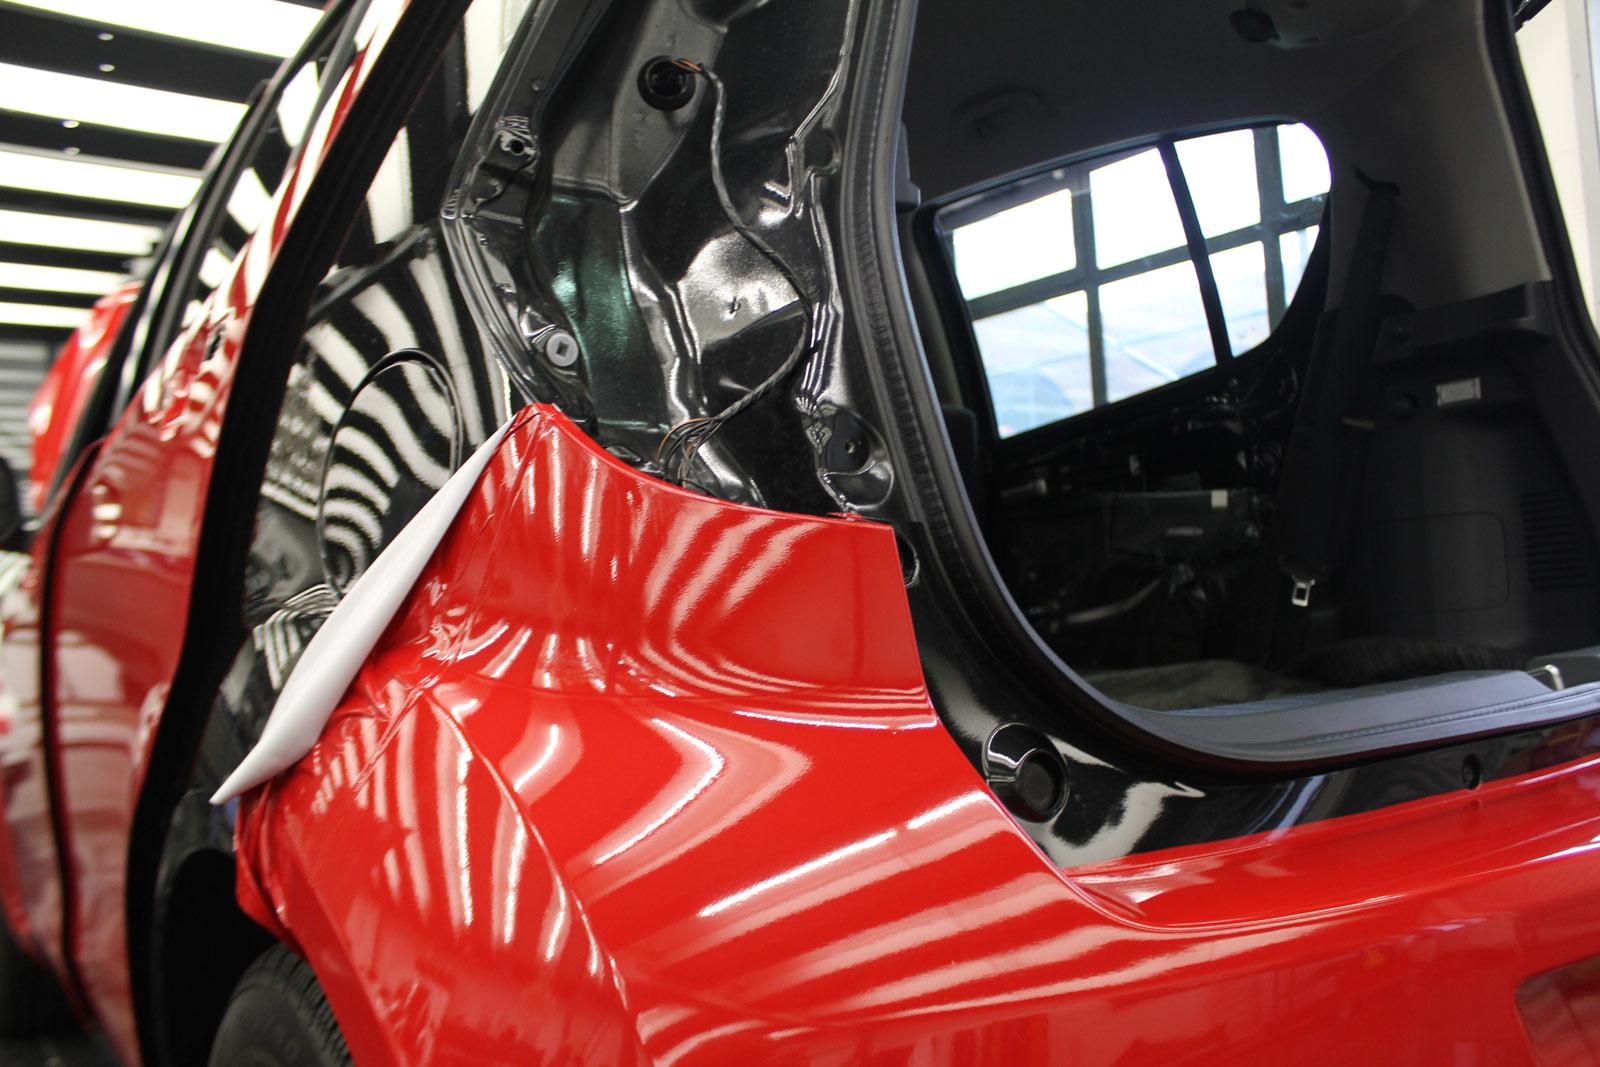 Opel_Agila_Folierung_Rot_Glanz_12